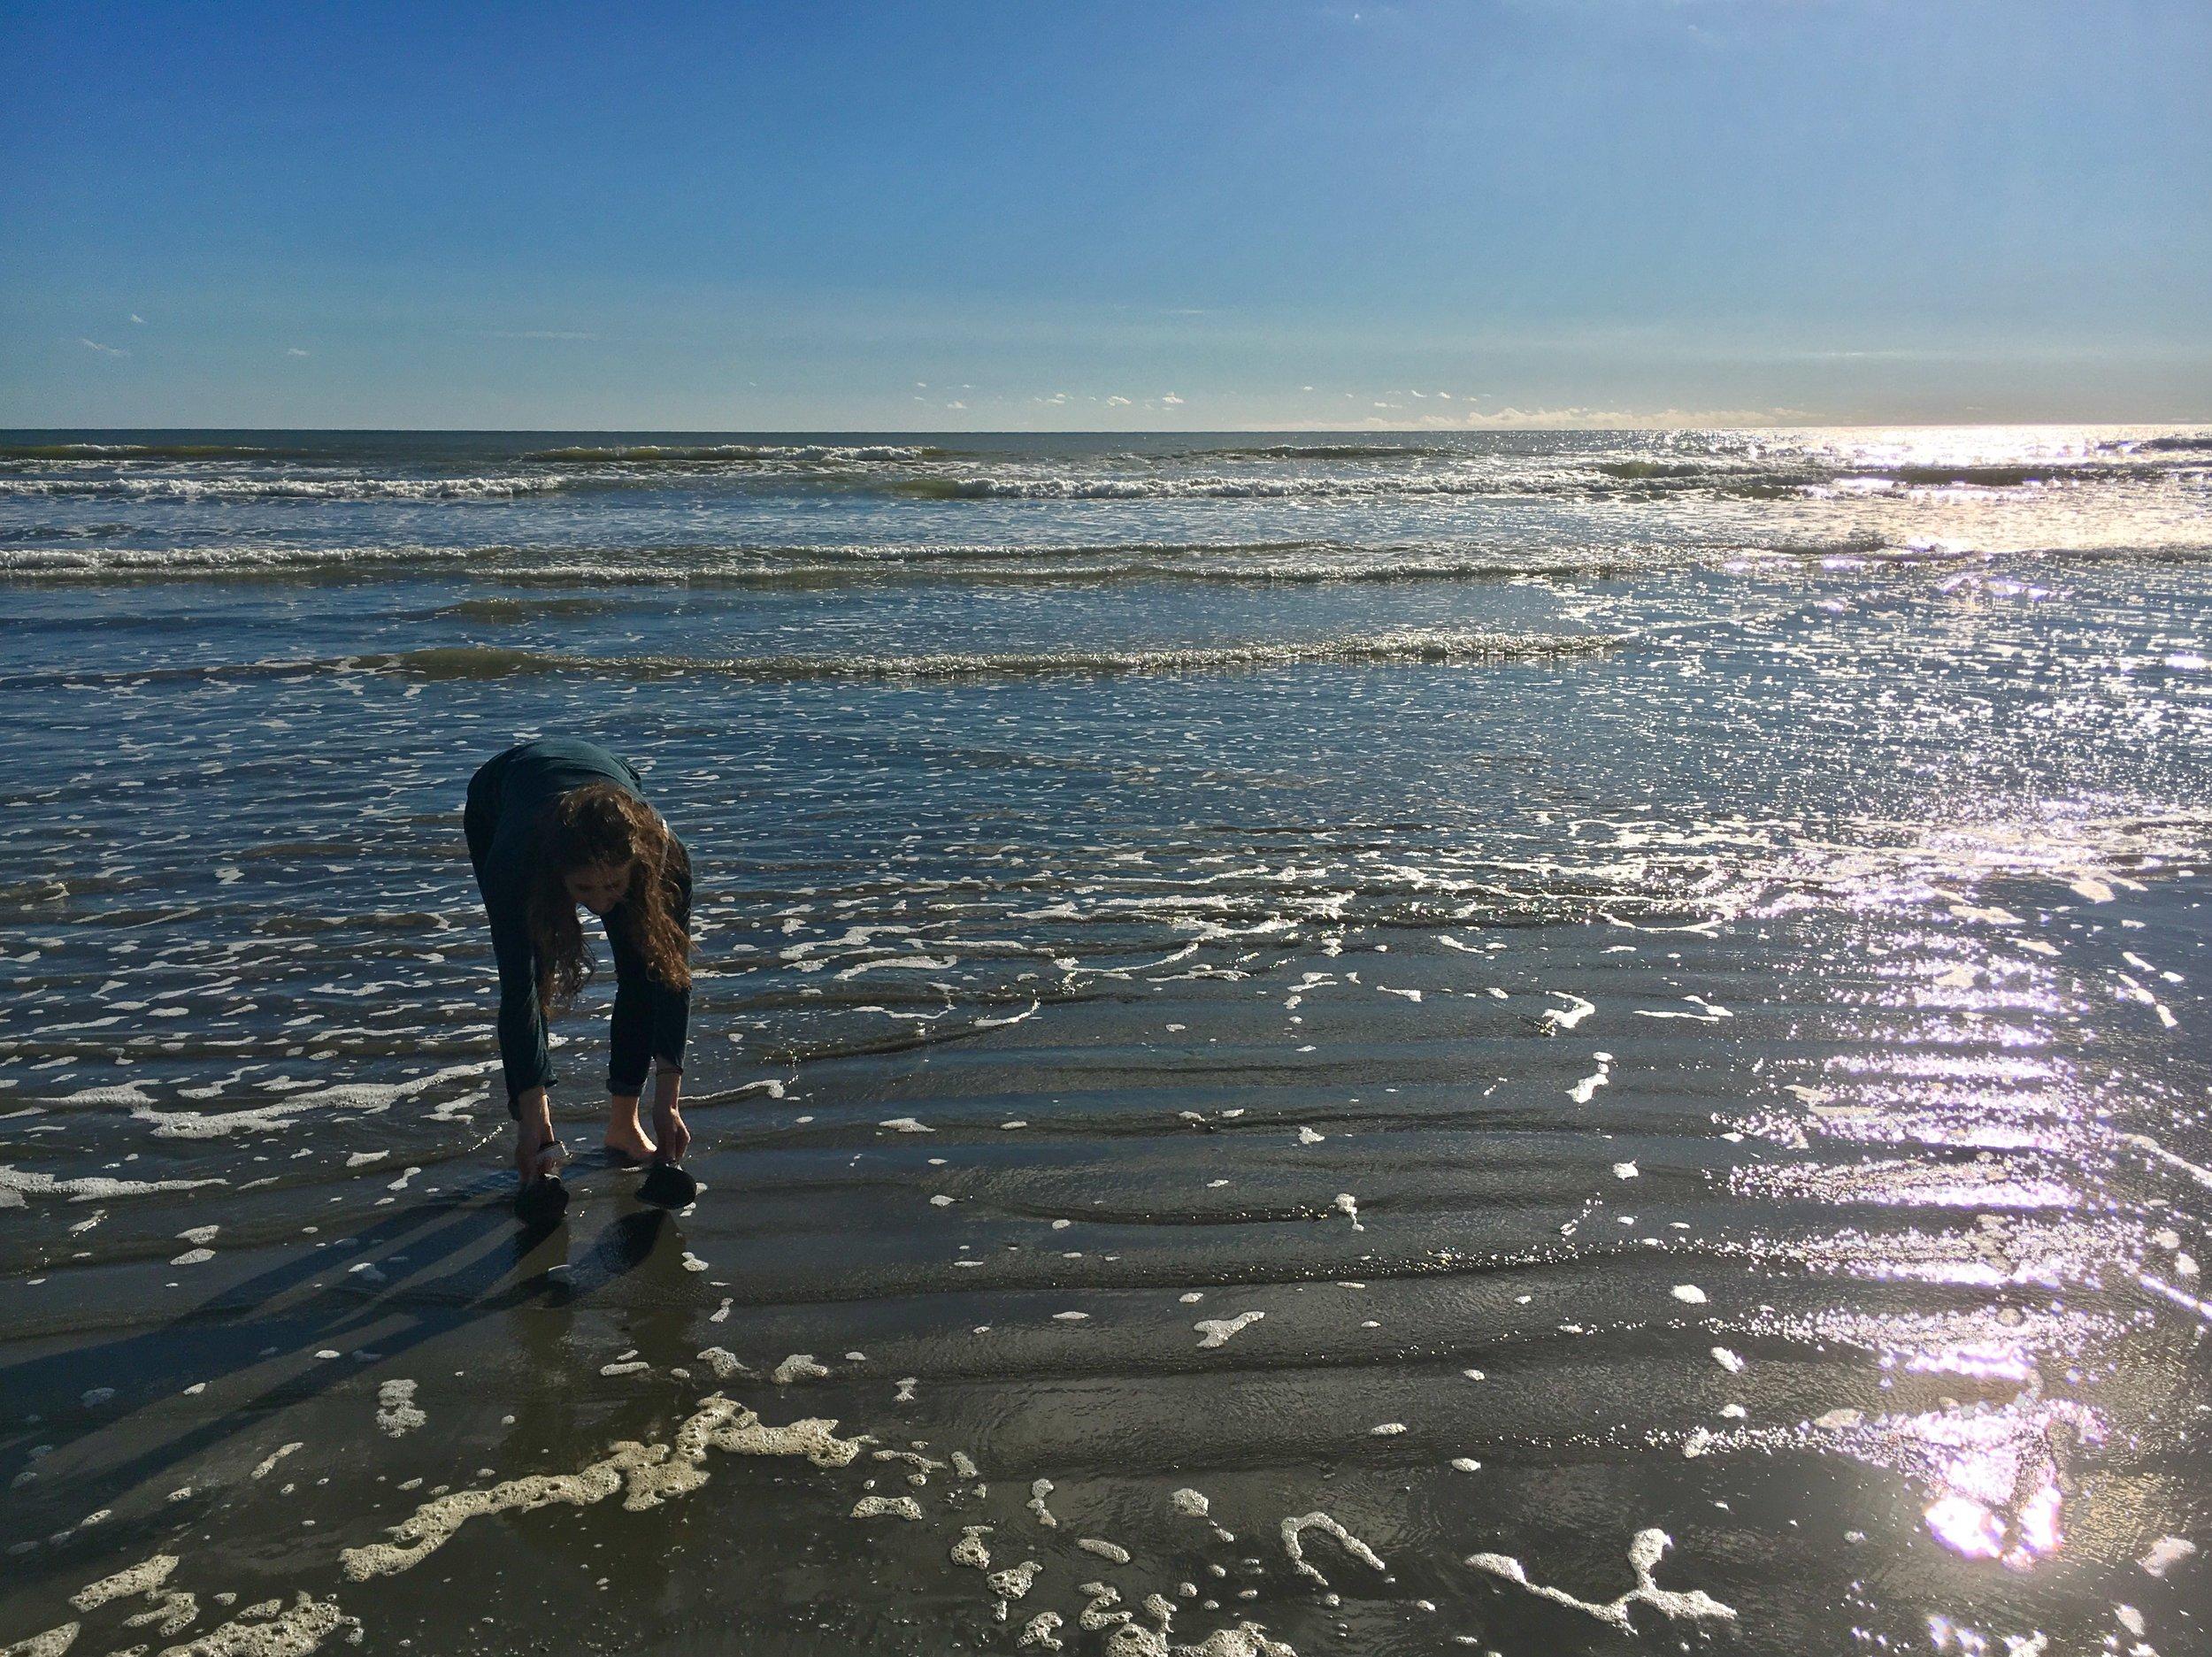 A much needed beach break